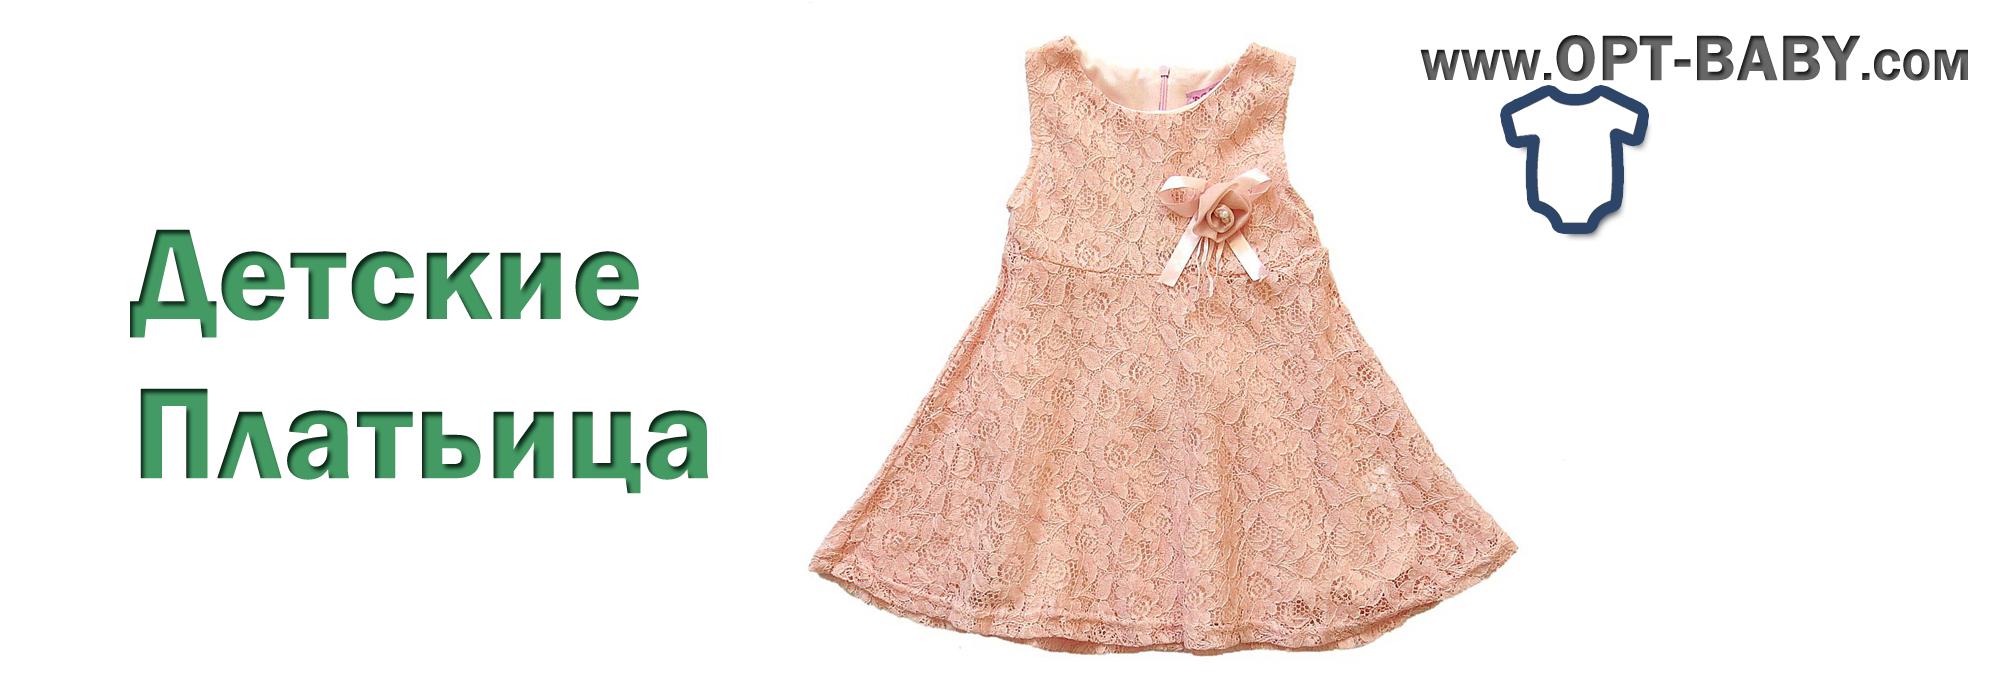 Детские платьица на девочку от 3 месяцев до 2 лет оптом - купить от интернет магазина детской одежды